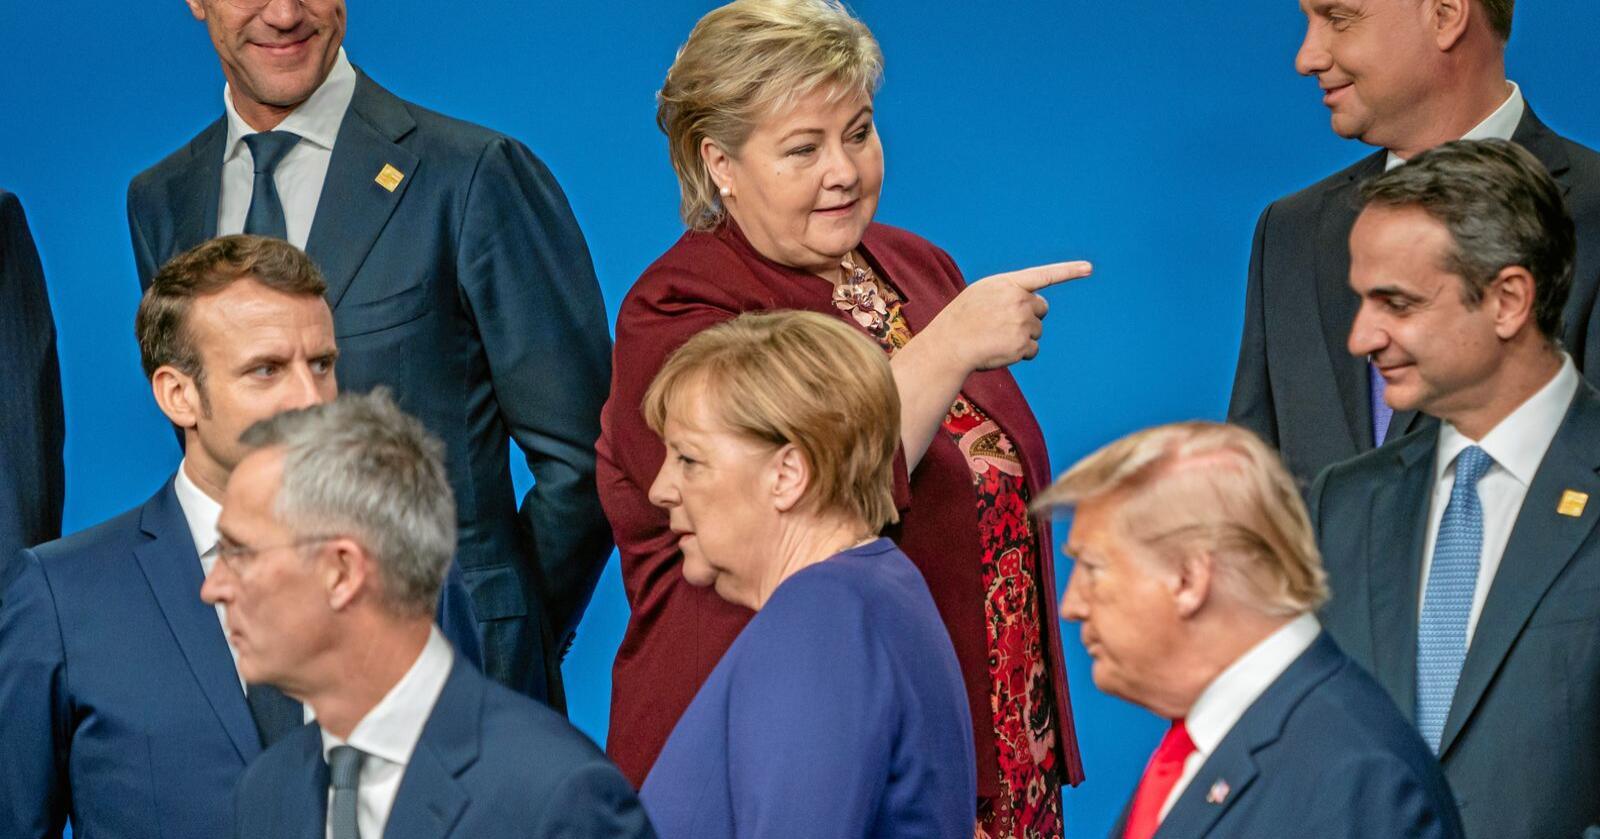 Mindre føreseieleg: Det mektigaste landet i verda er styrt av ein president som kommuniserer utan filter på Twitter. Kva retning vil verda ta? Foto: Heiko Junge / NTB scanpix